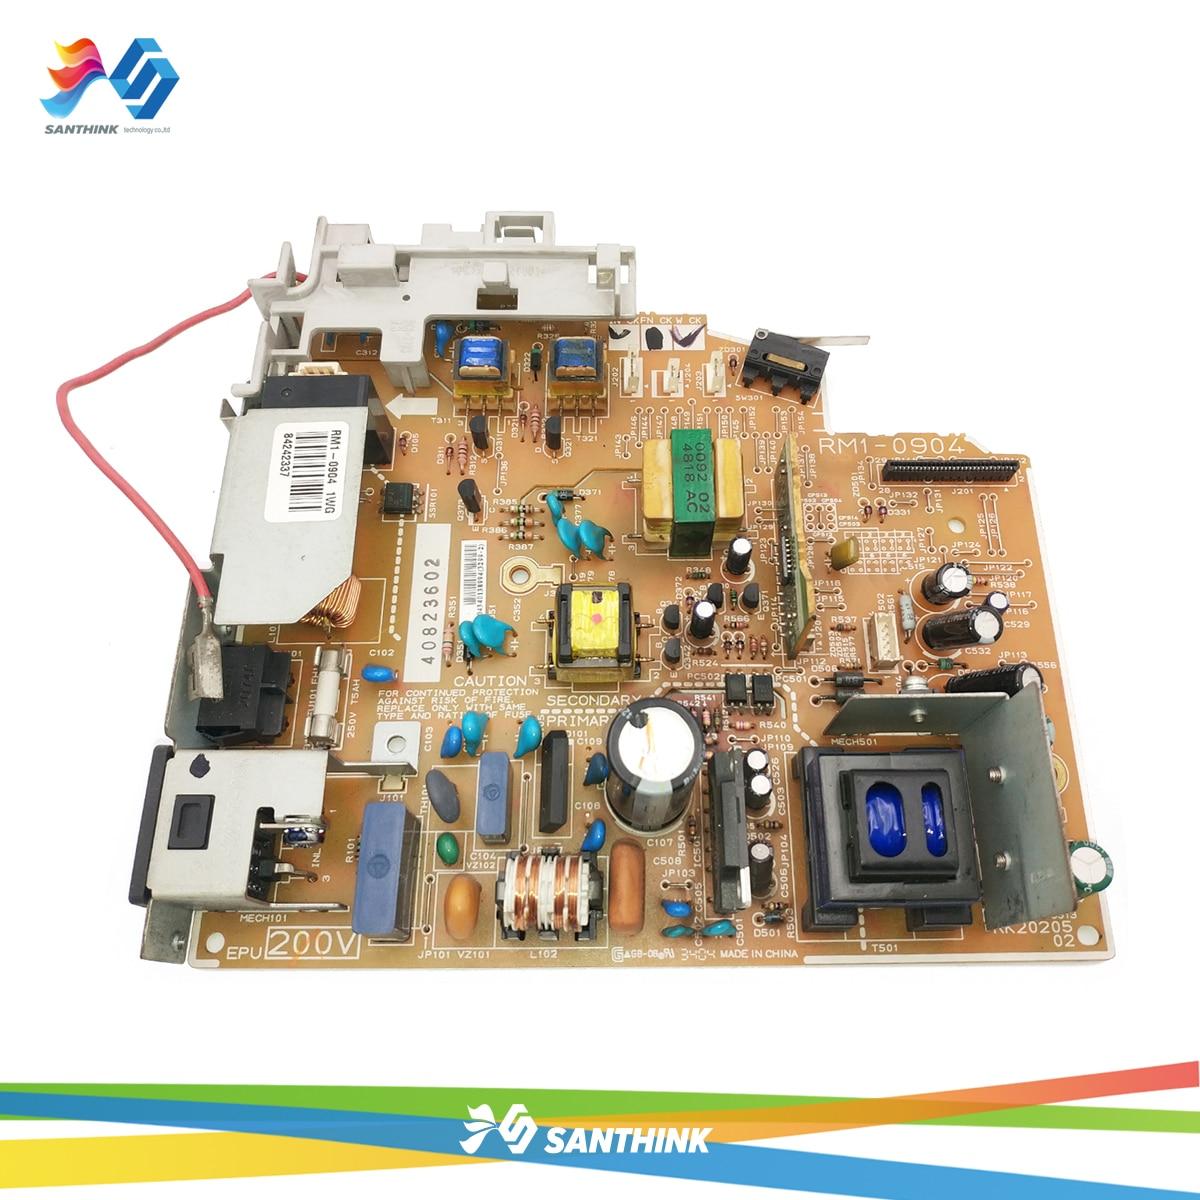 لوحة إمداد الطاقة للطابعة ، مصدر طاقة أصلي 3015 فولت ، لـ HP3015 LaserJet 3030 P3015 3020 ، 220